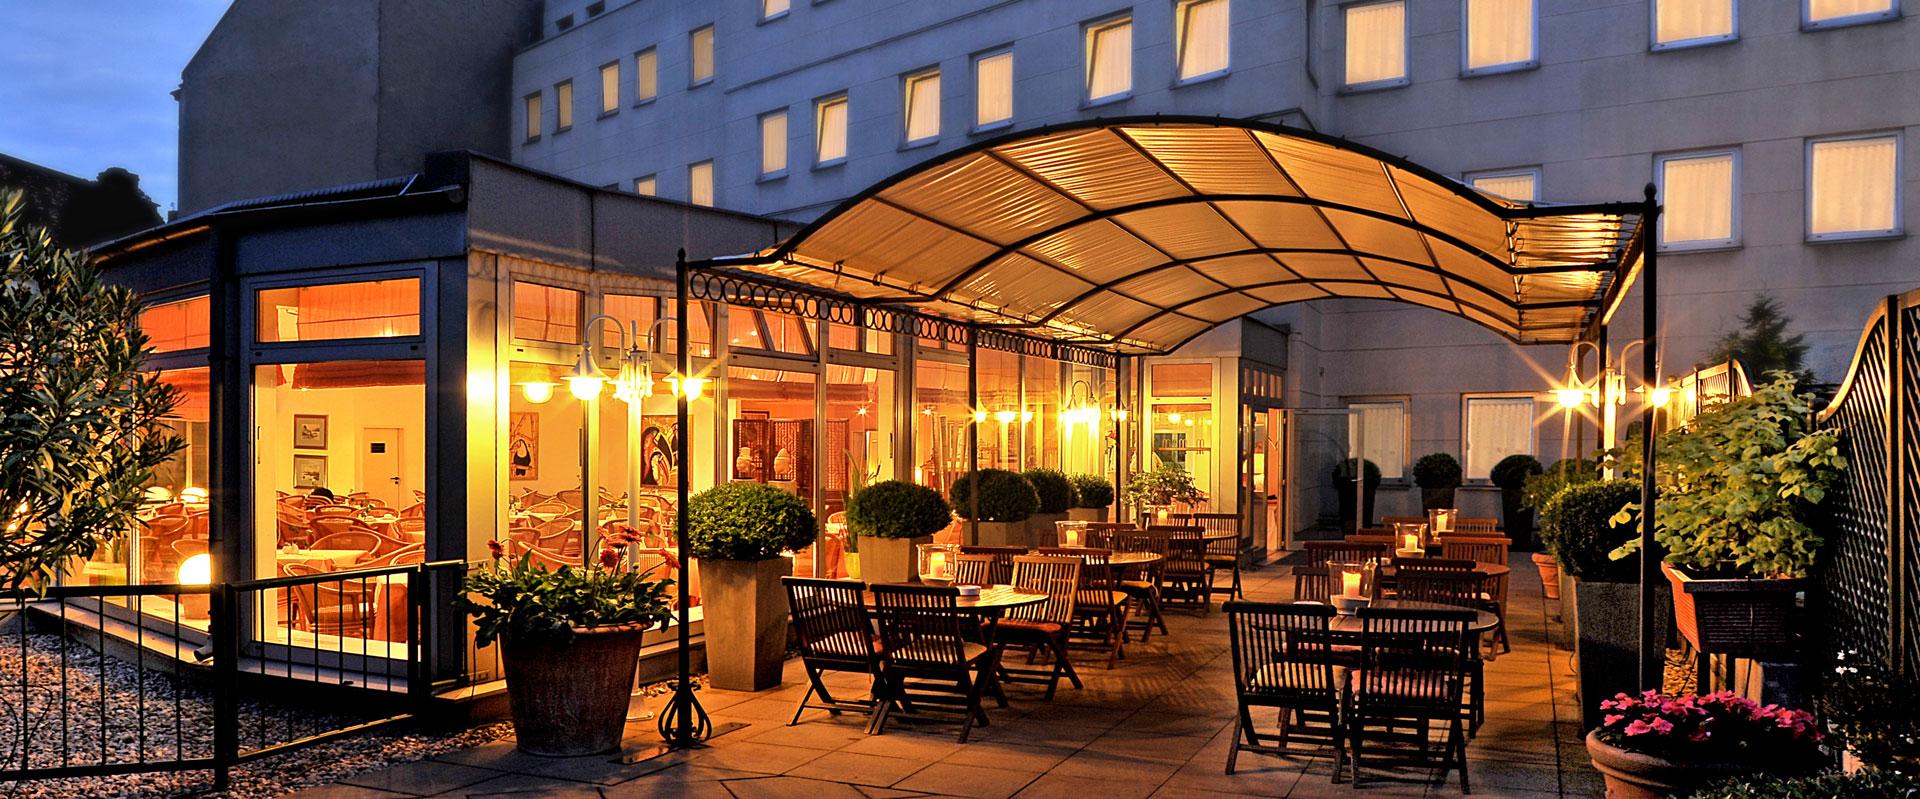 Hotel Ludwig Van Beethoven Berlin